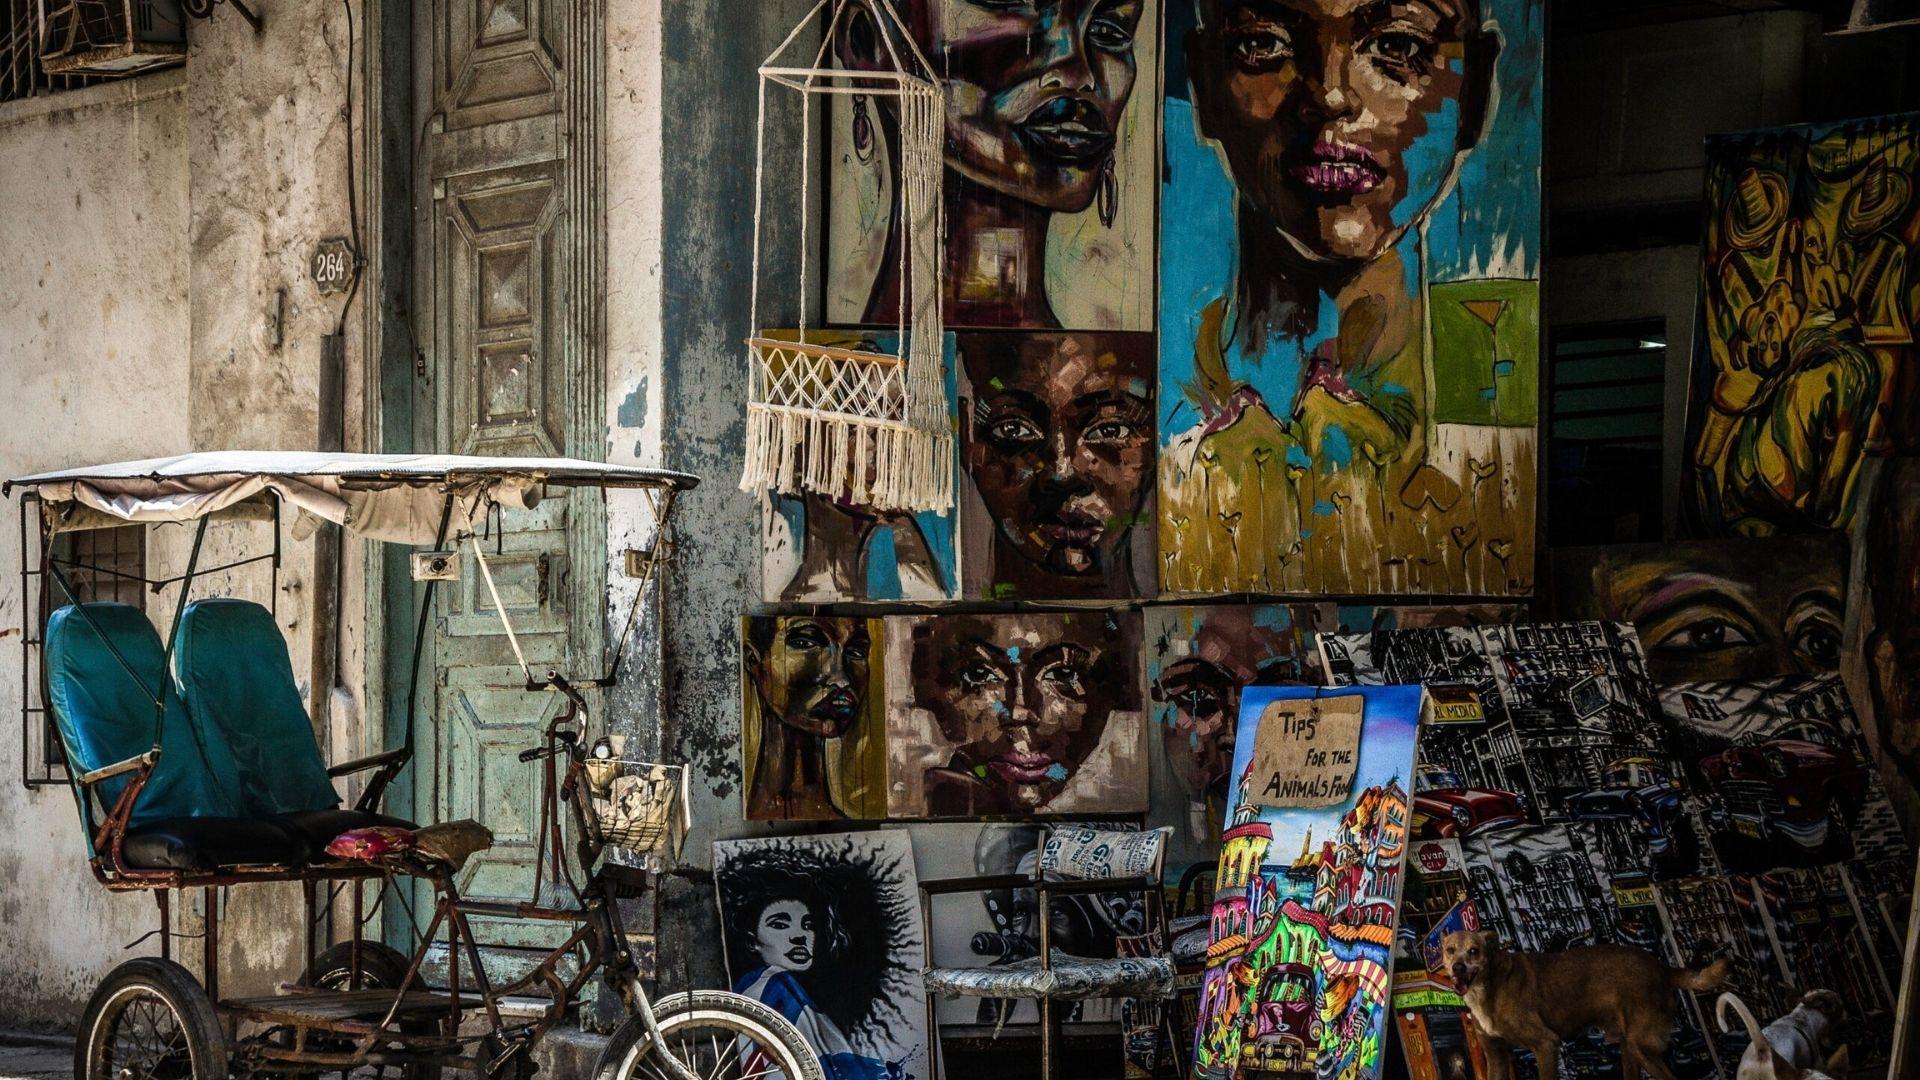 19 dni – wyprawa na Kubę poza utartym szlakiem